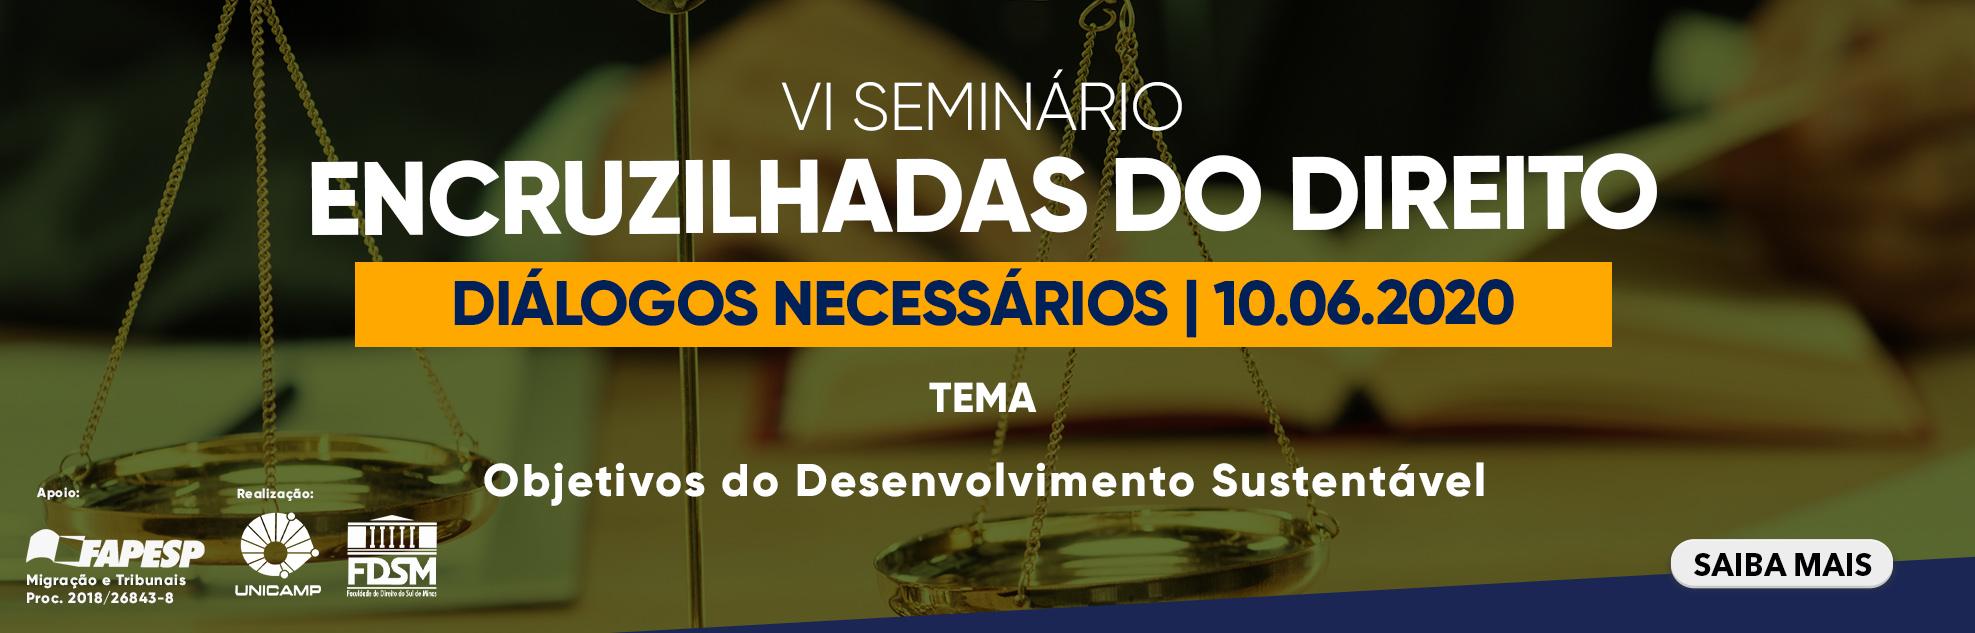 IV SEMINÁRIO ENCRUZILHADAS DO DIREITO: DIÁLOGOS NECESSÁRIOS